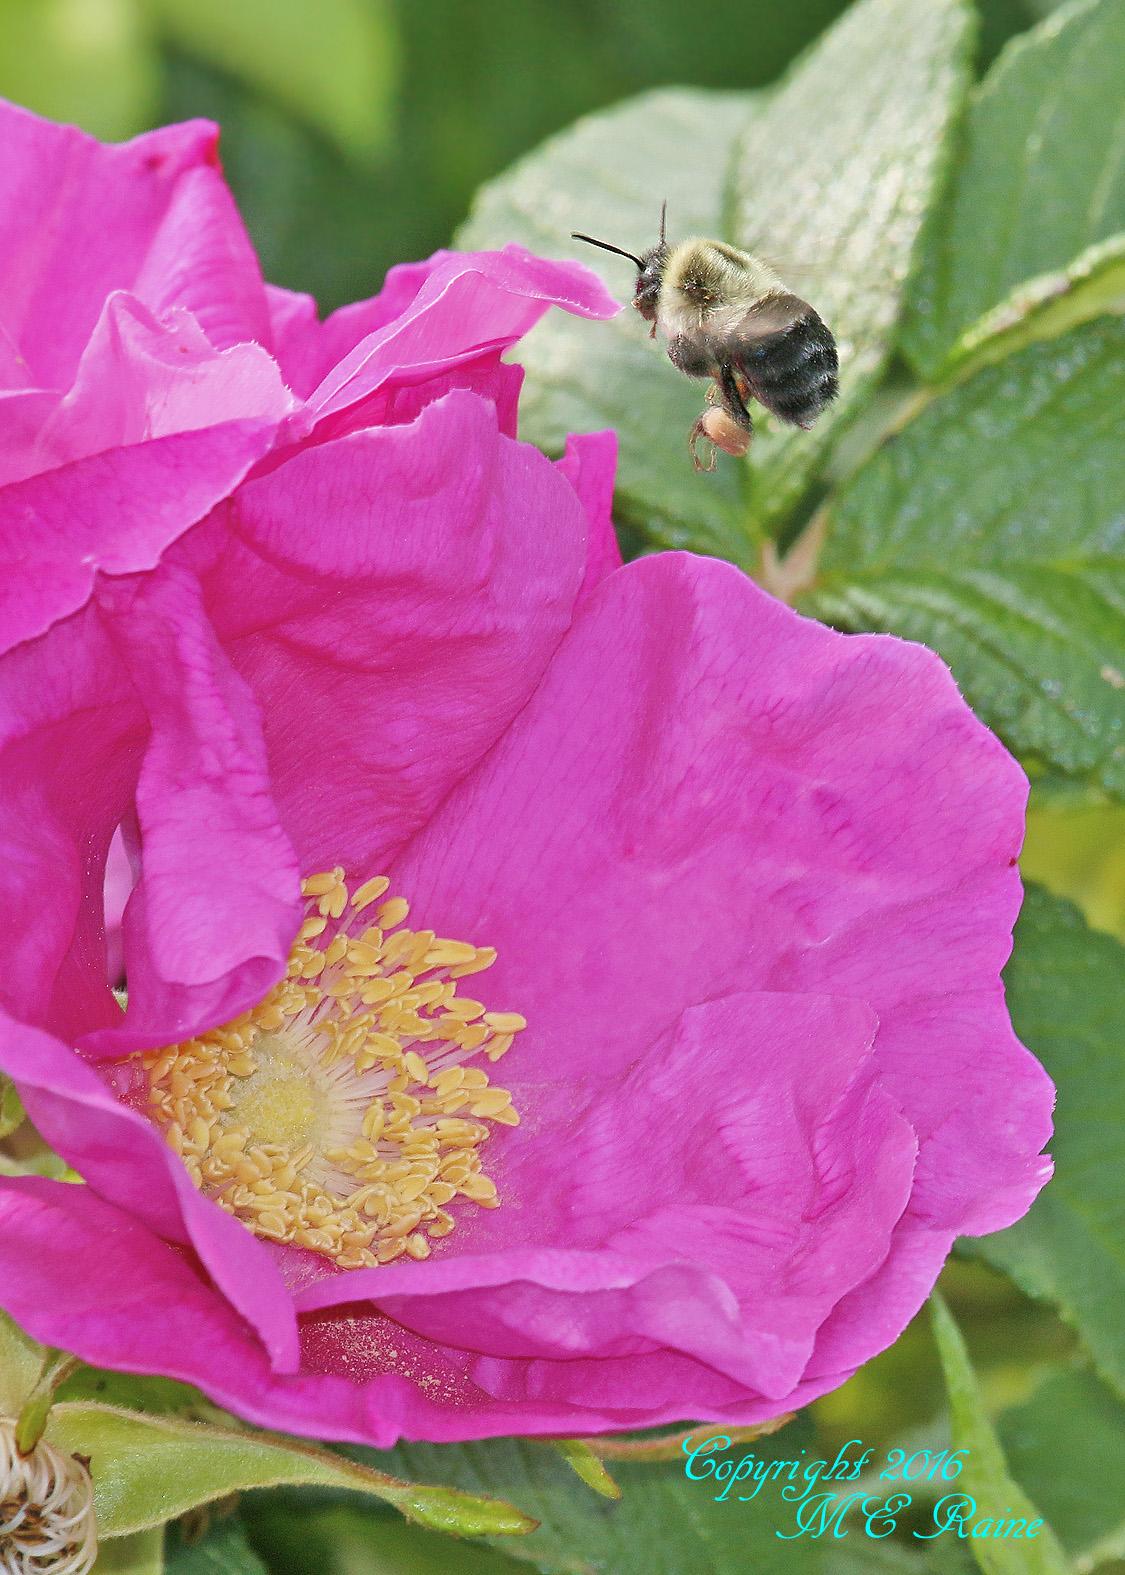 Bee Pollinating DeKorte 5.31.16